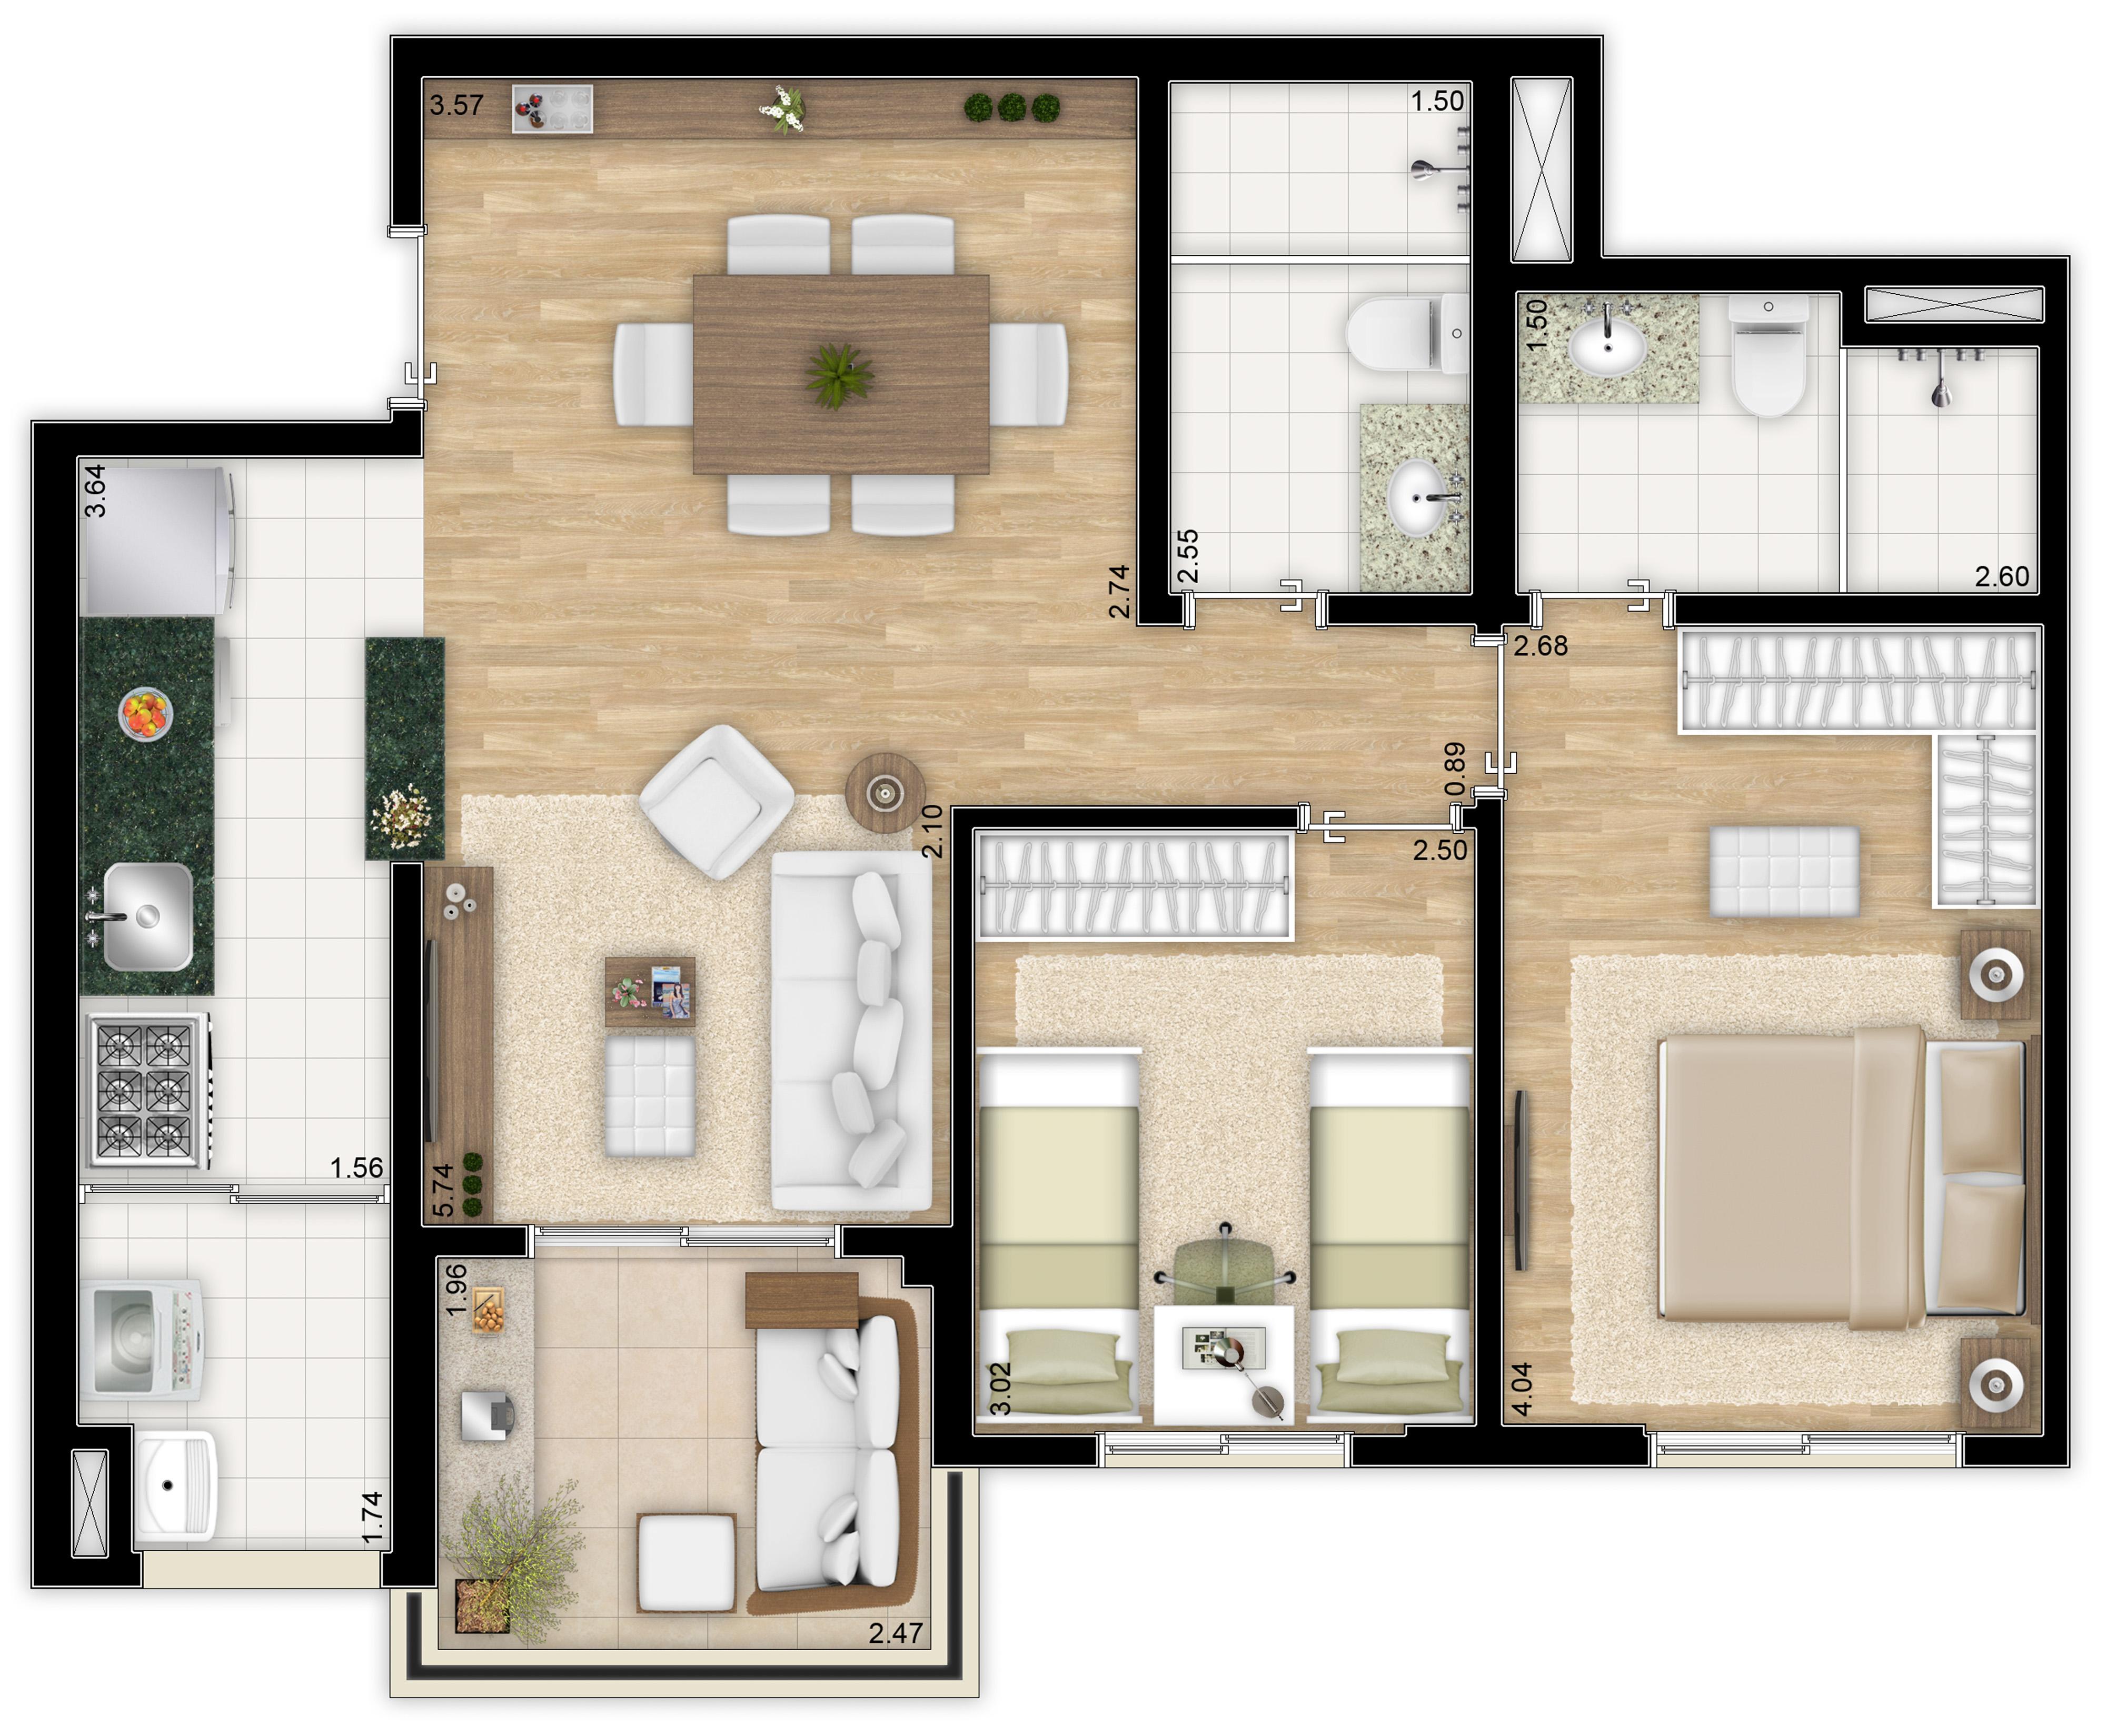 70 m² - 2 dorms - Apto tipo